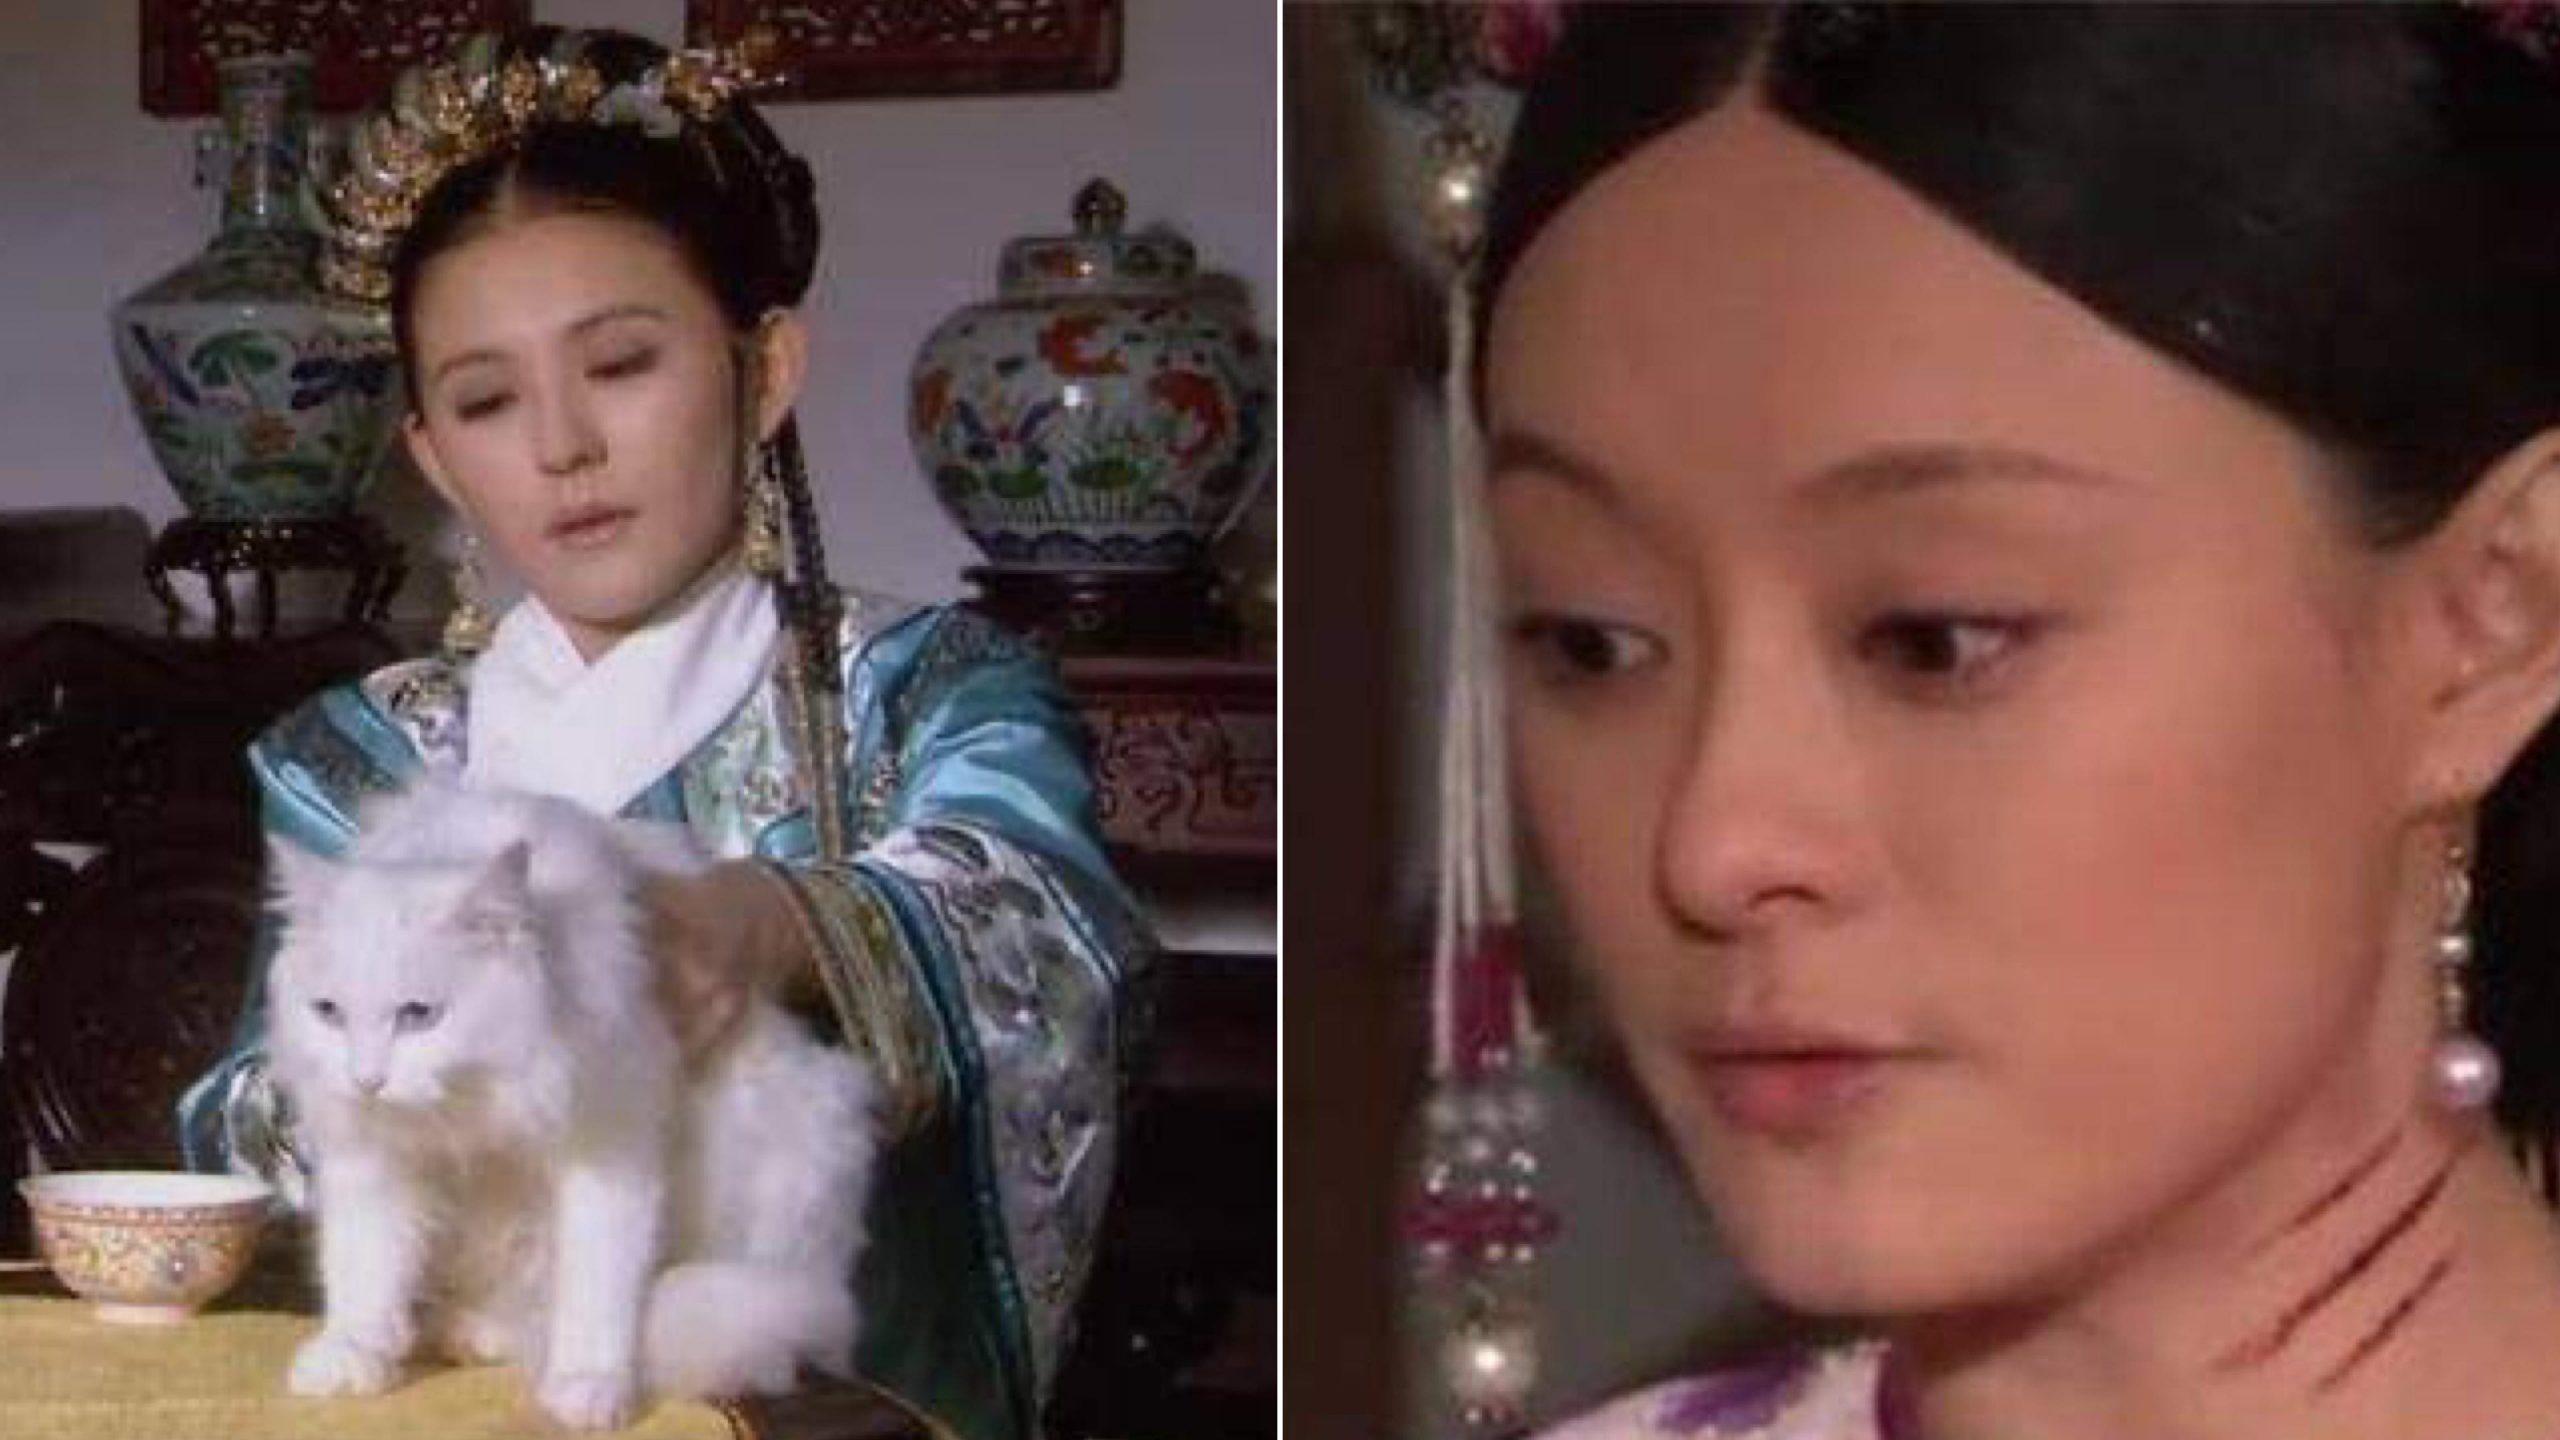 皇上因為貓抓傷甄嬛,禁止宮中養貓,為什麼寧貴人卻可以養貓?—《甄嬛傳》—我們用電影寫日記